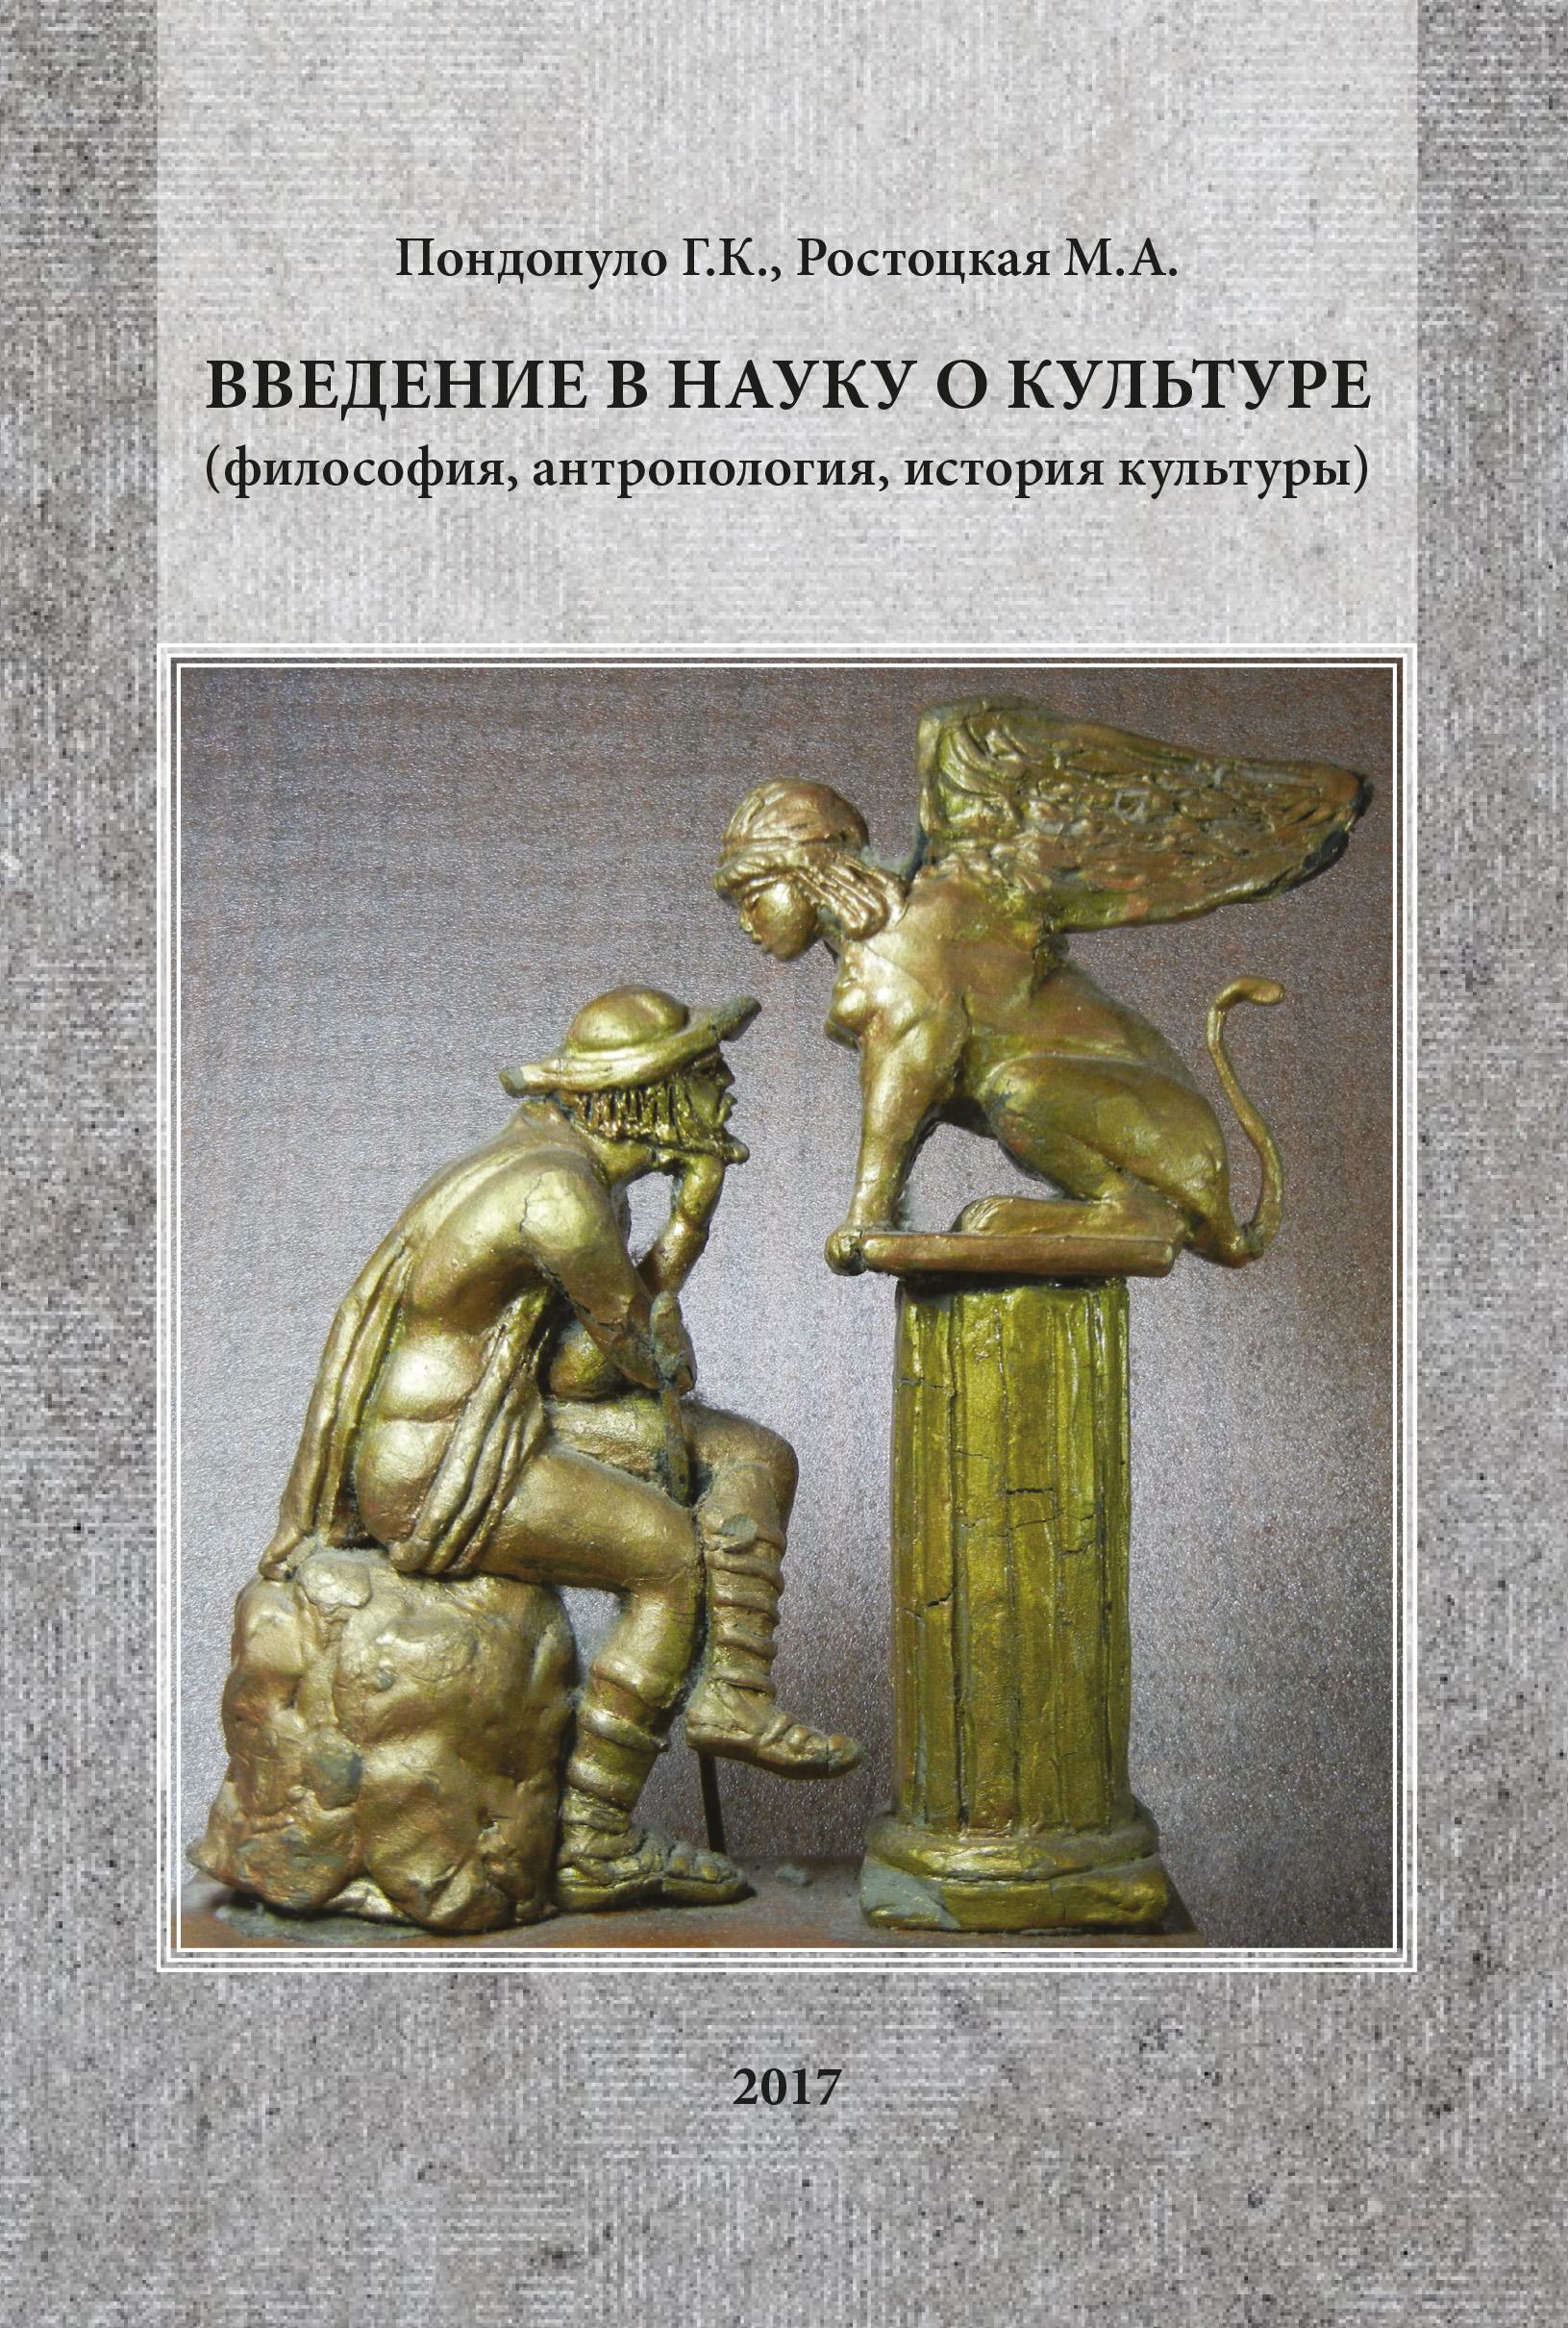 Введение в науку о культуре (философия, антропология, история культуры)